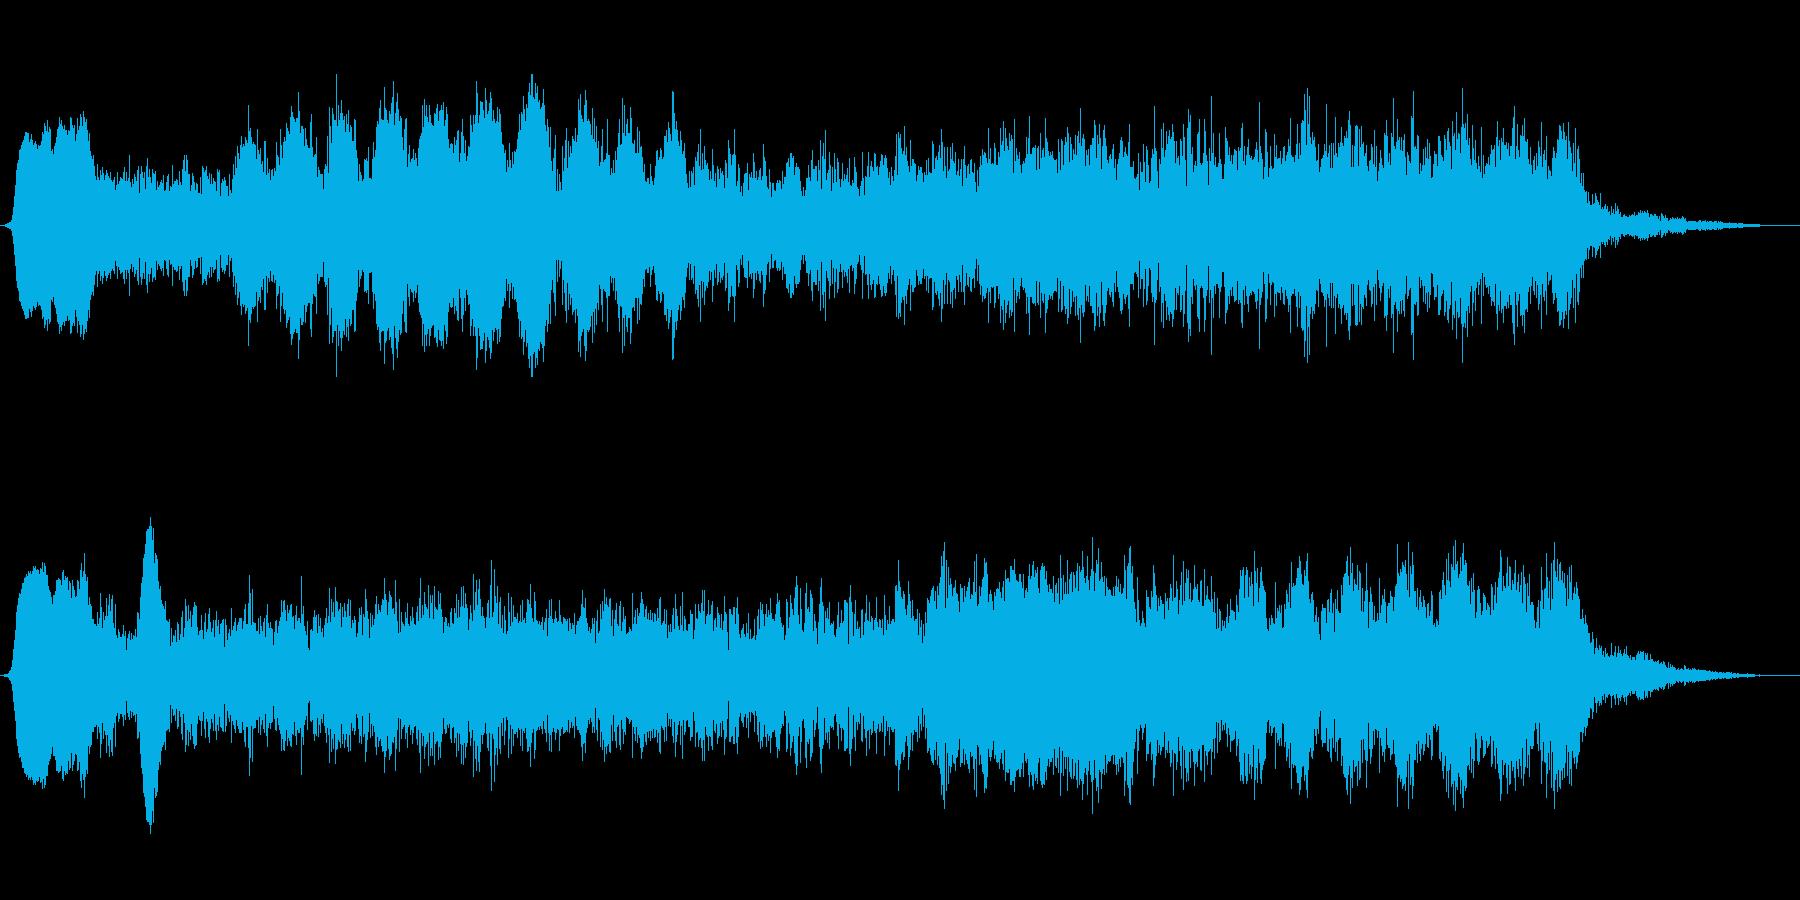 ミステリアスなショートBGMの再生済みの波形